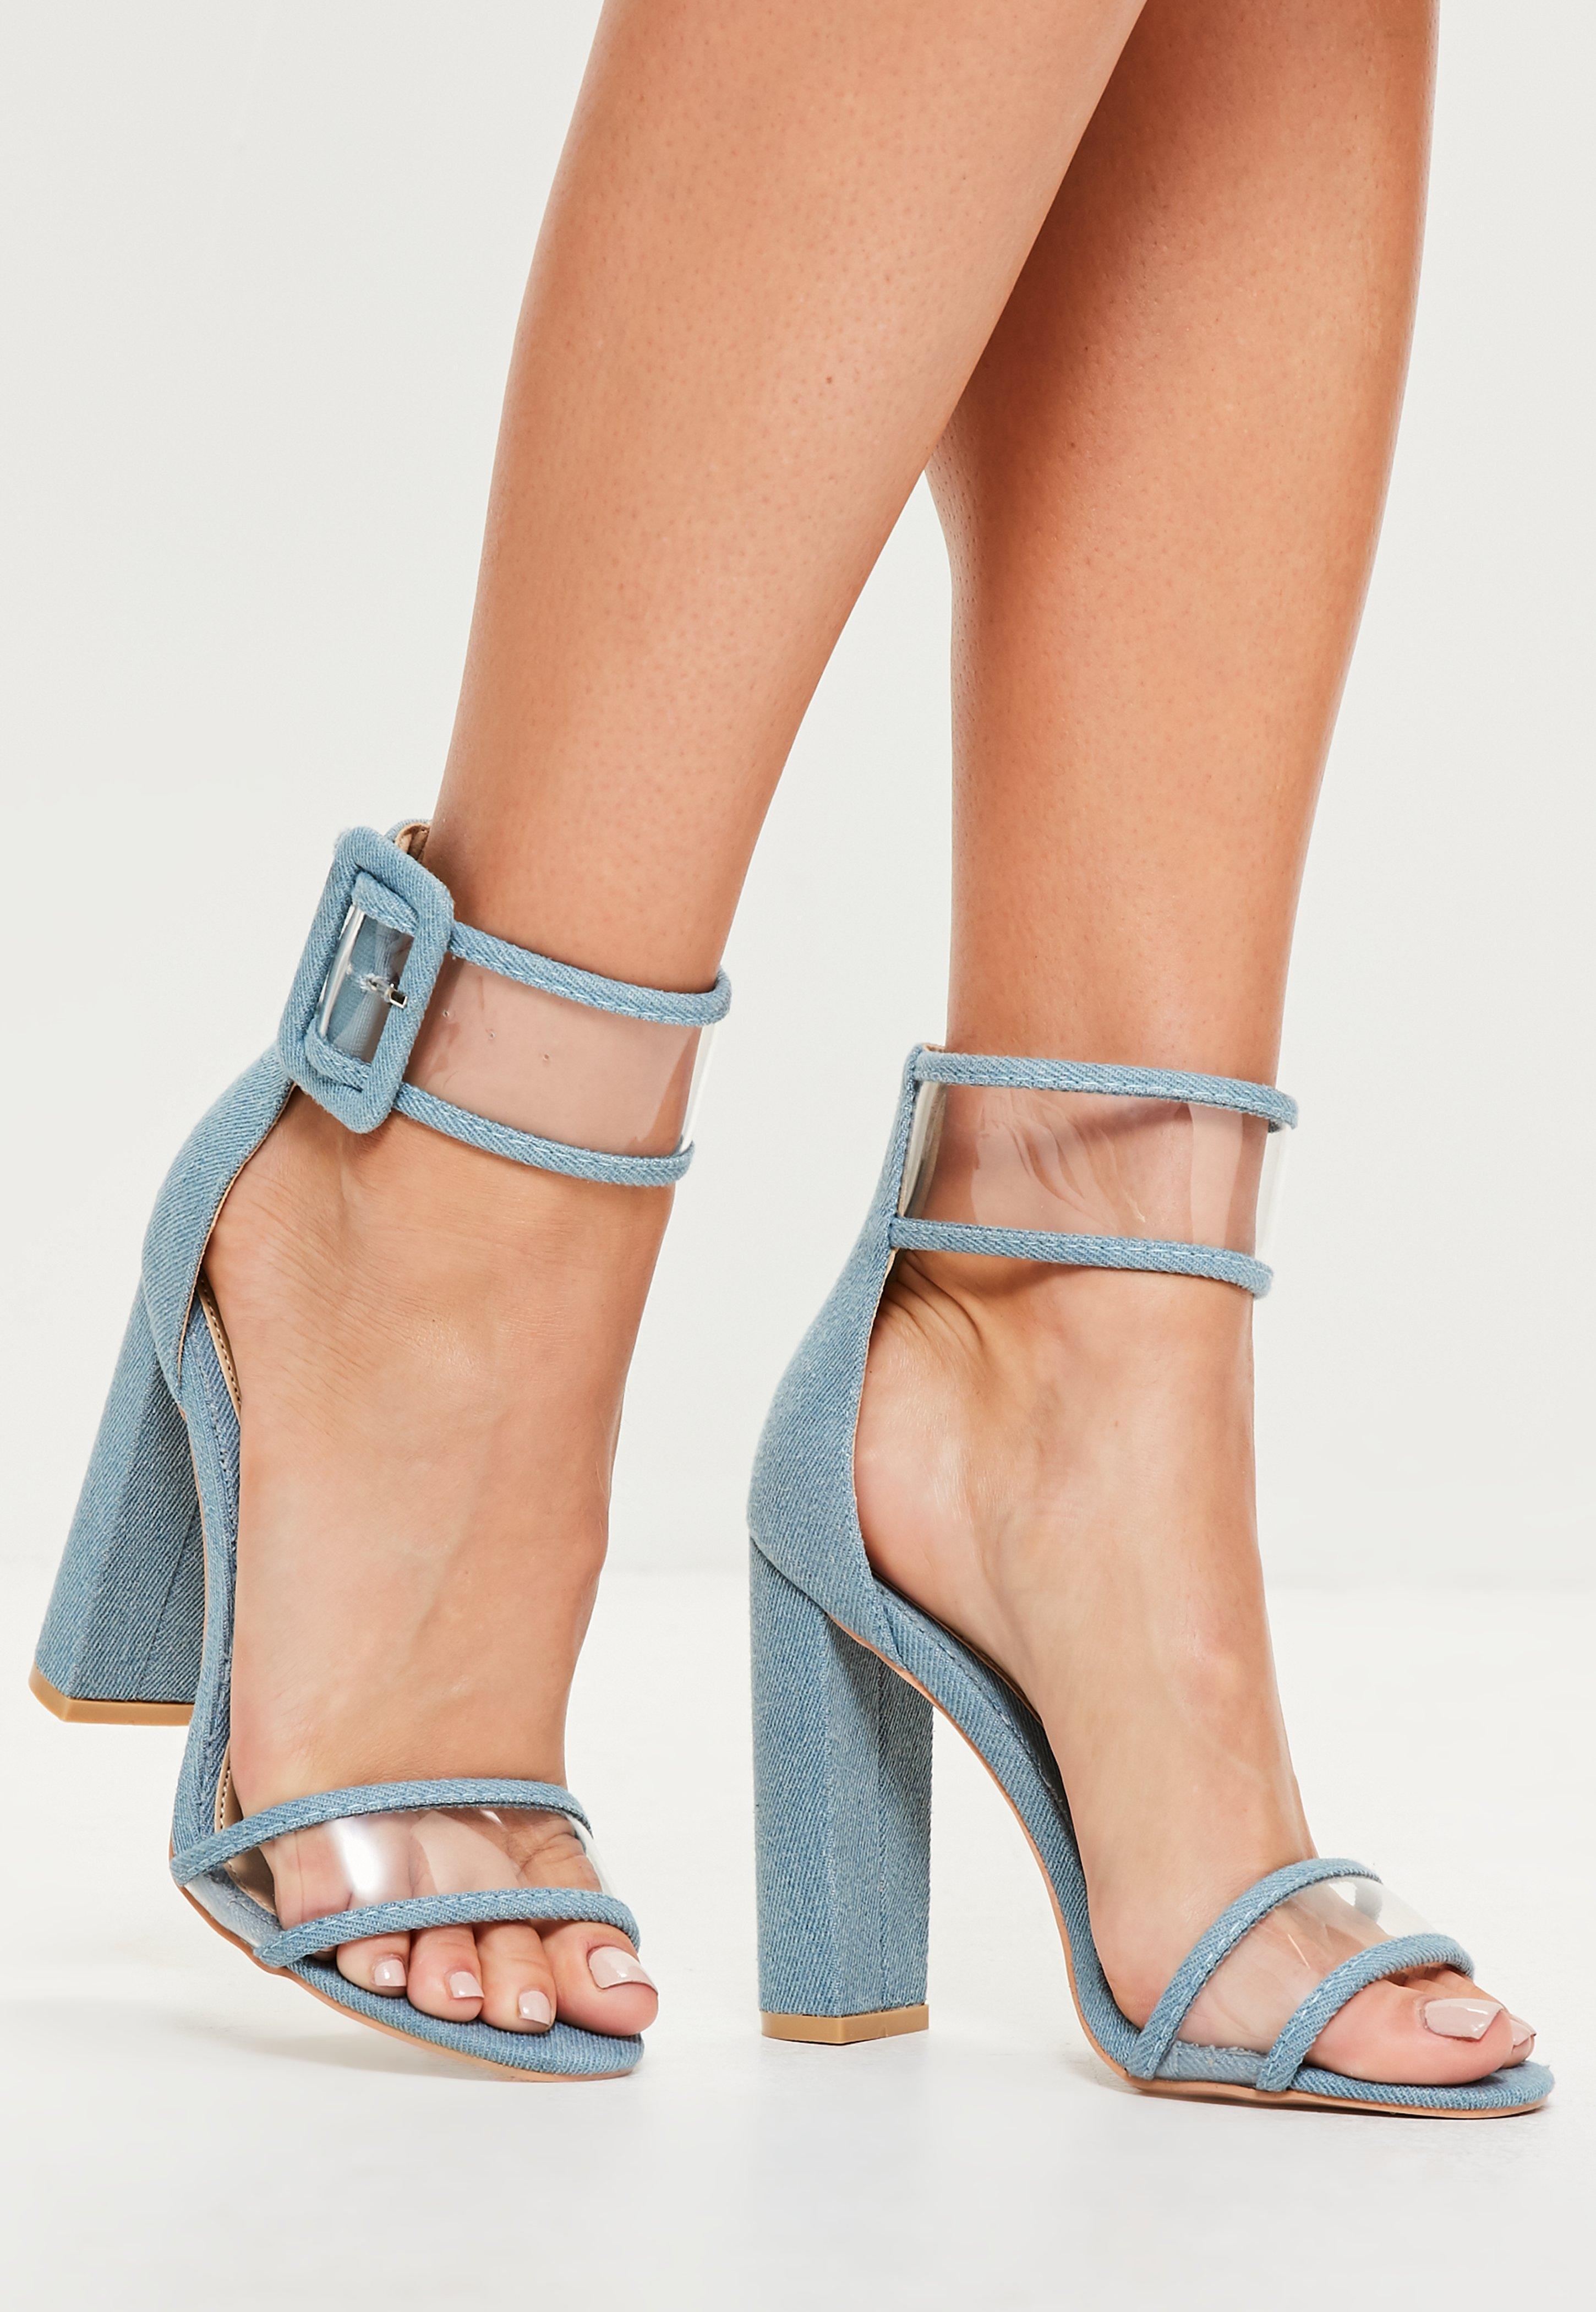 Ankle Strap Shoes Australia